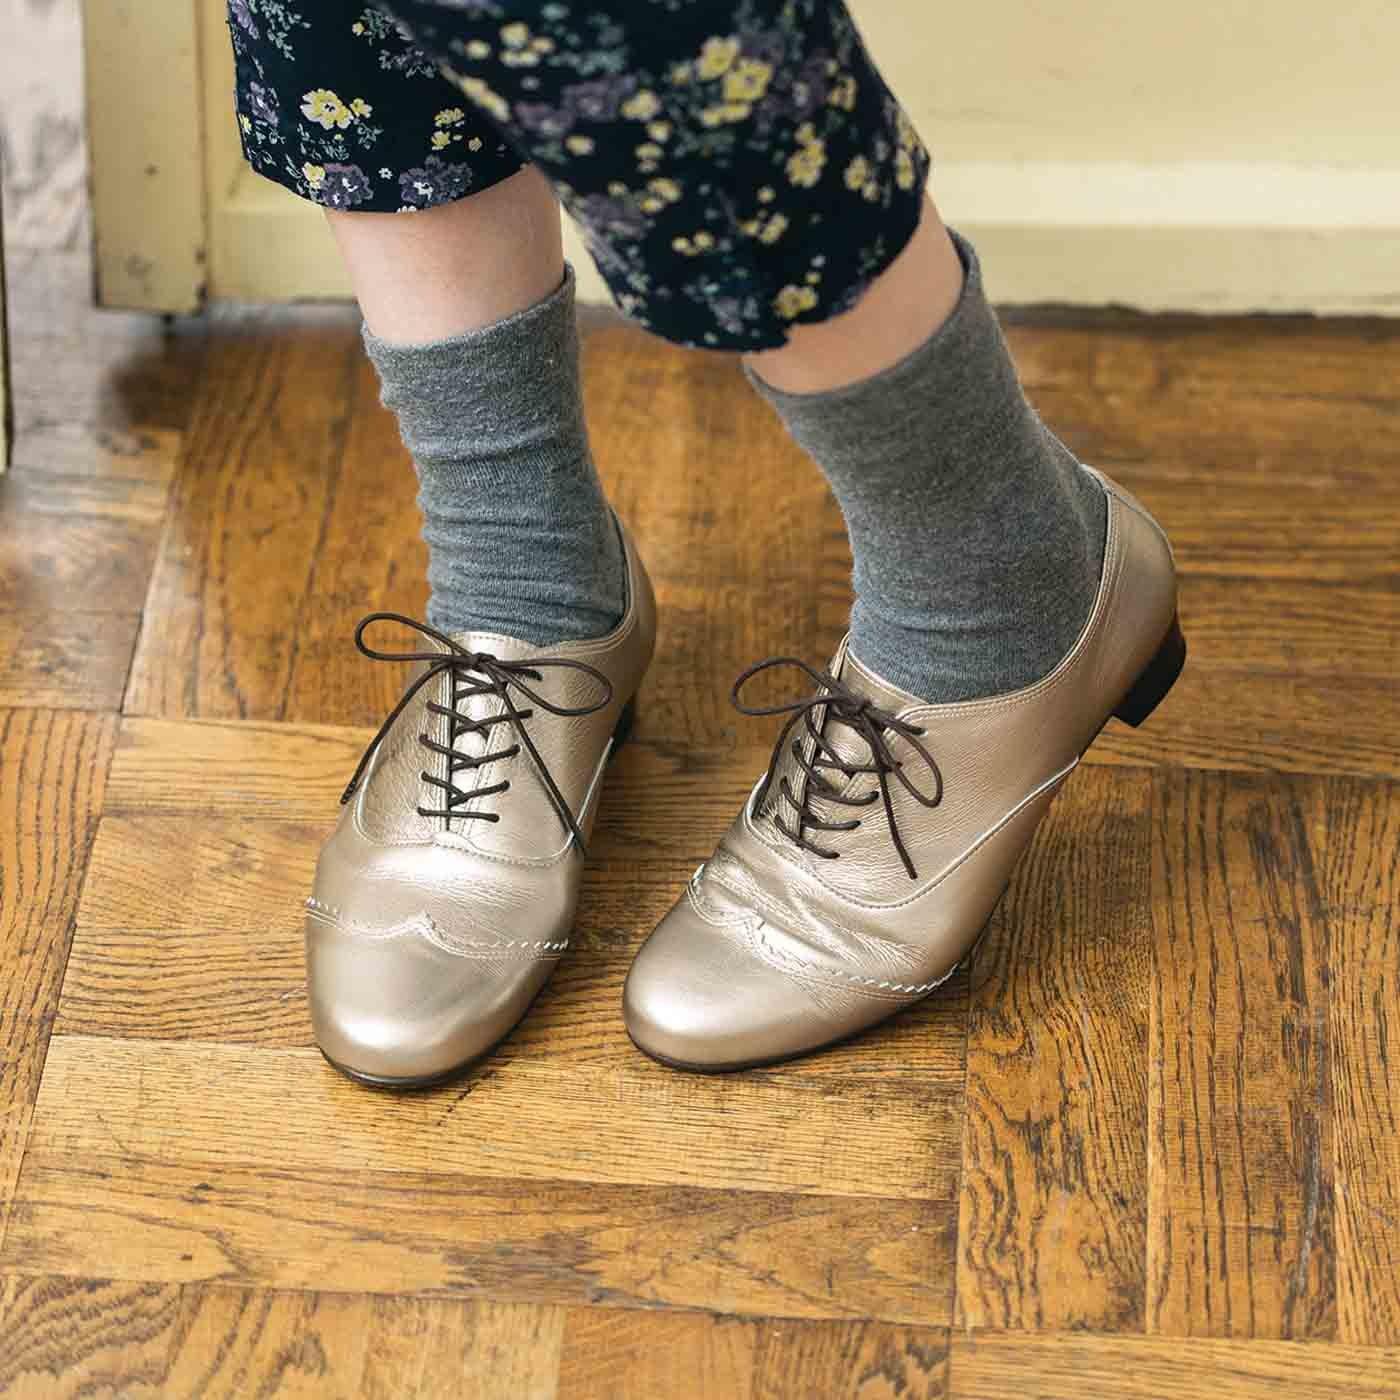 長田靴職人の本革仕立て シンプルレースアップ レザーシューズ 〈シャンパンゴールド〉[本革 靴:日本製]